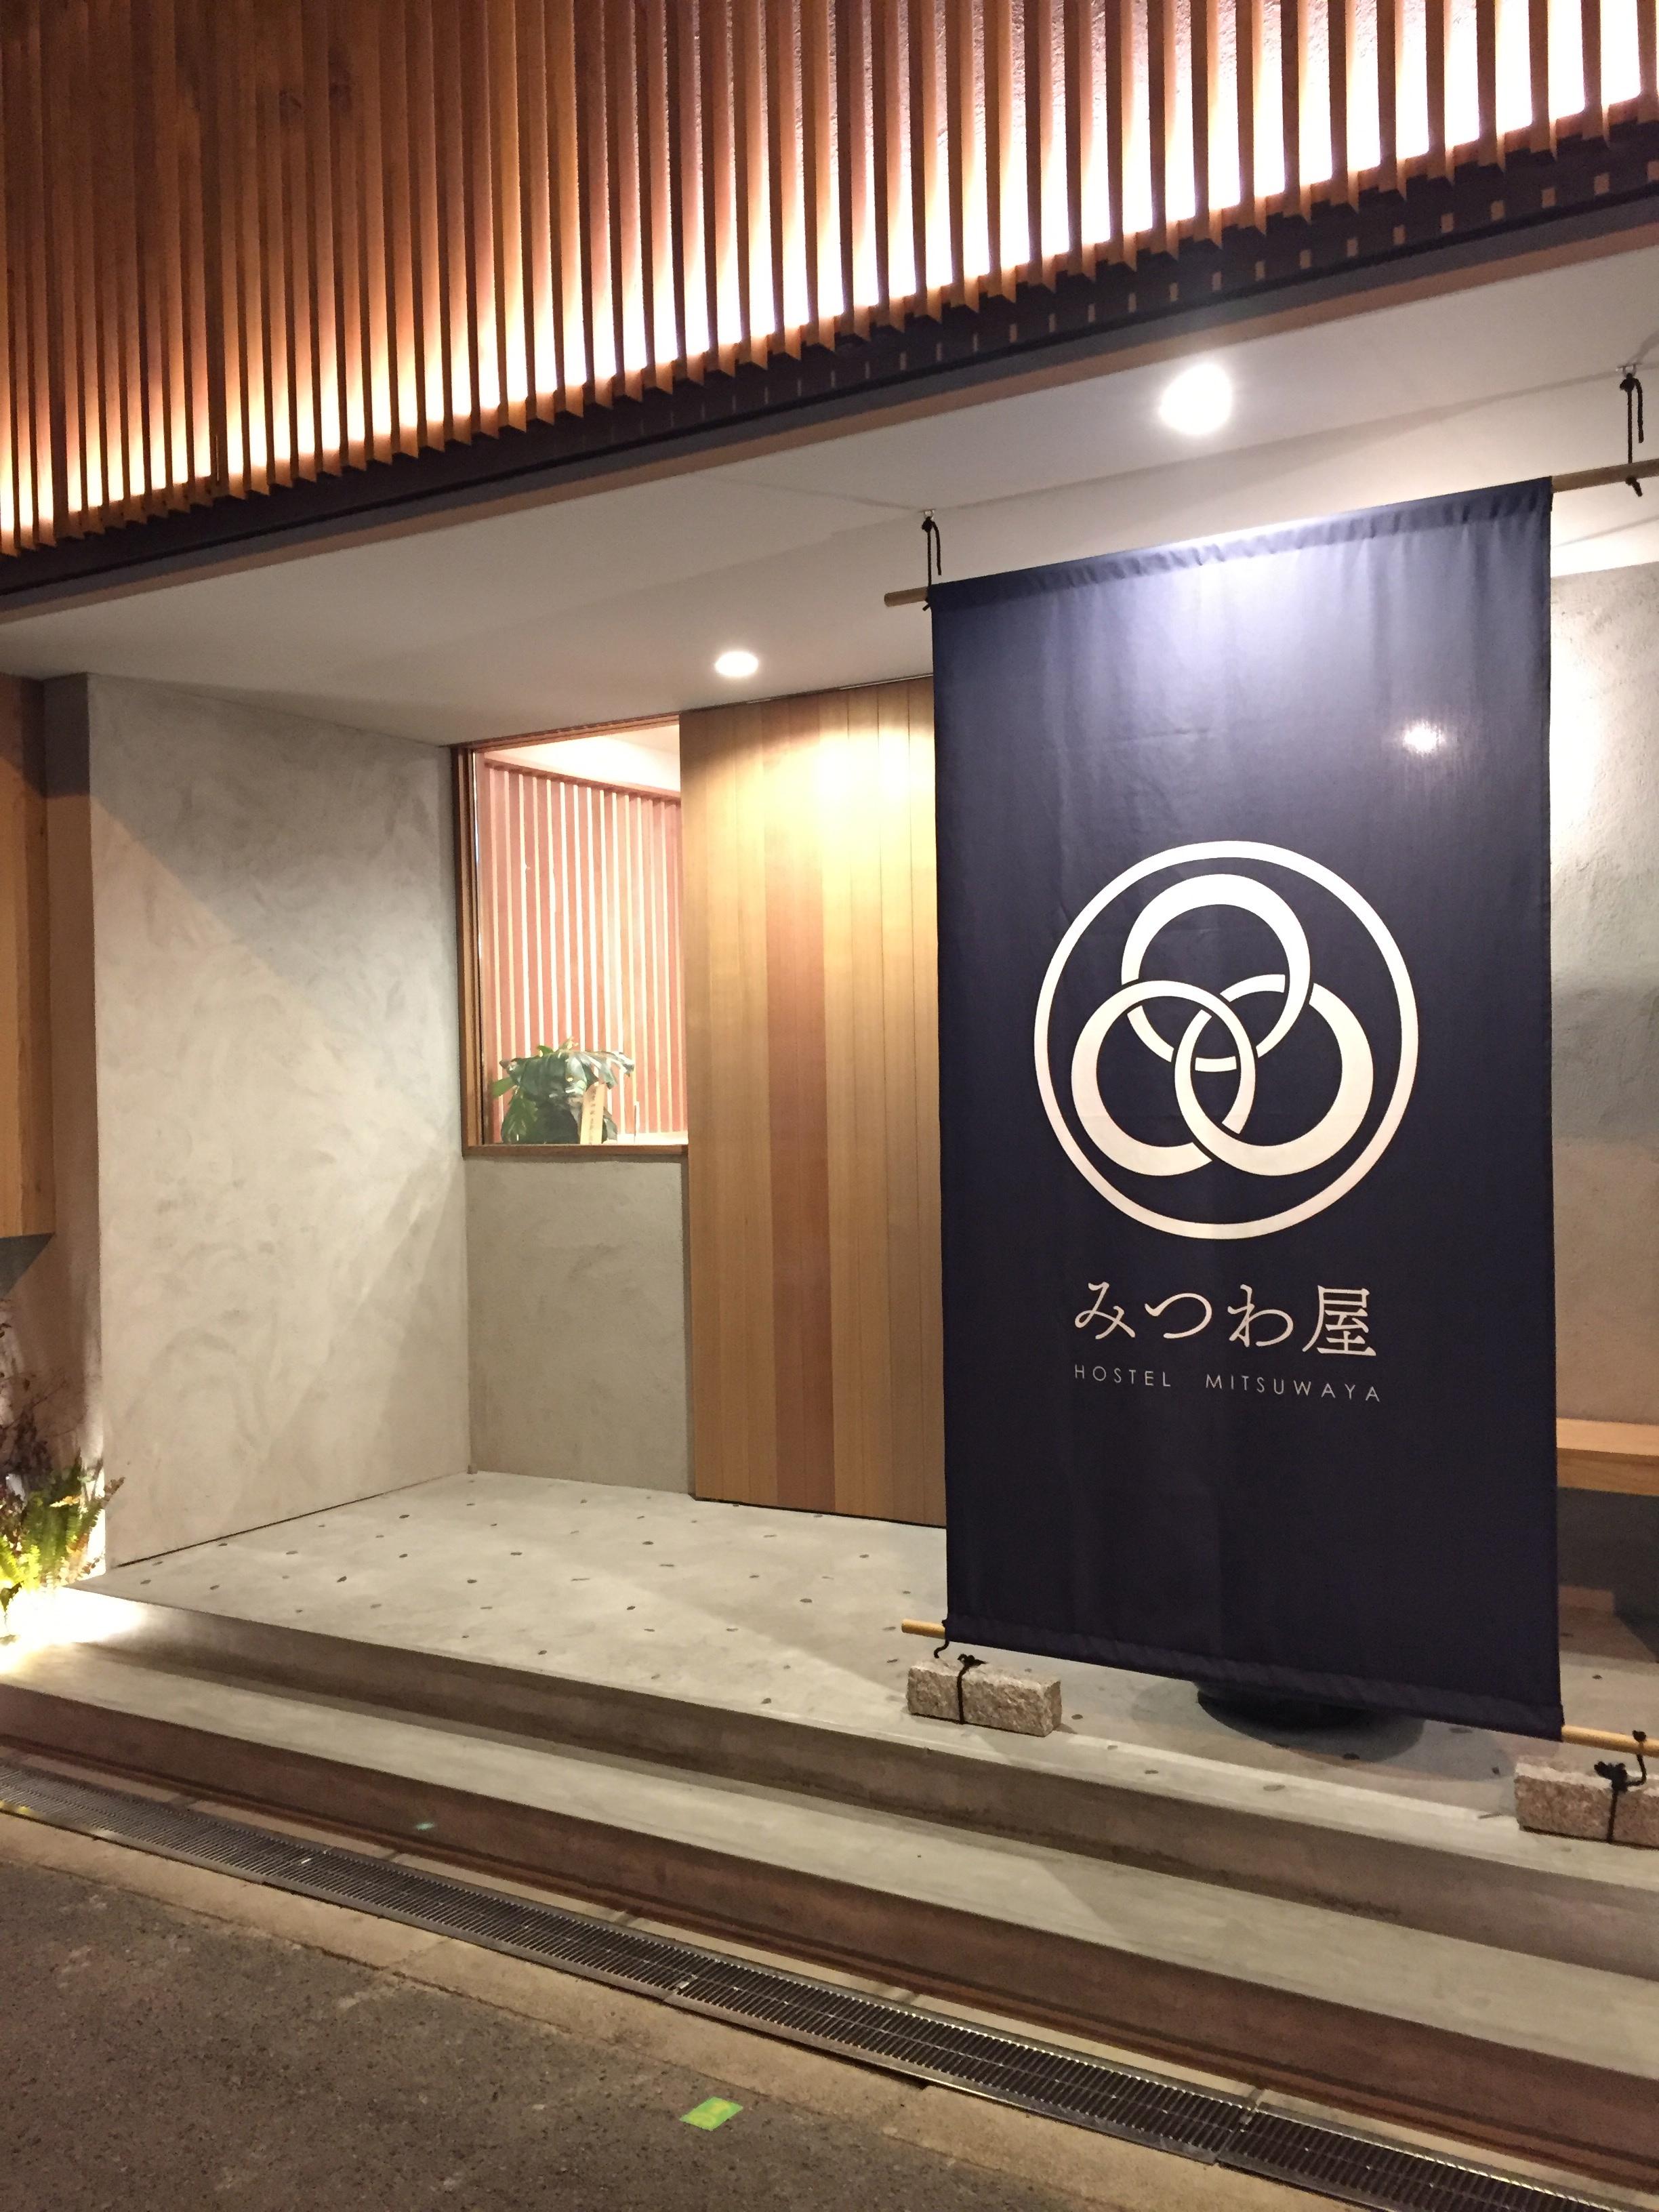 谷町6丁目・空堀らへんご紹介♪2016年2月2日オープンのゲストハウス「ホステルみつわ屋大阪」!